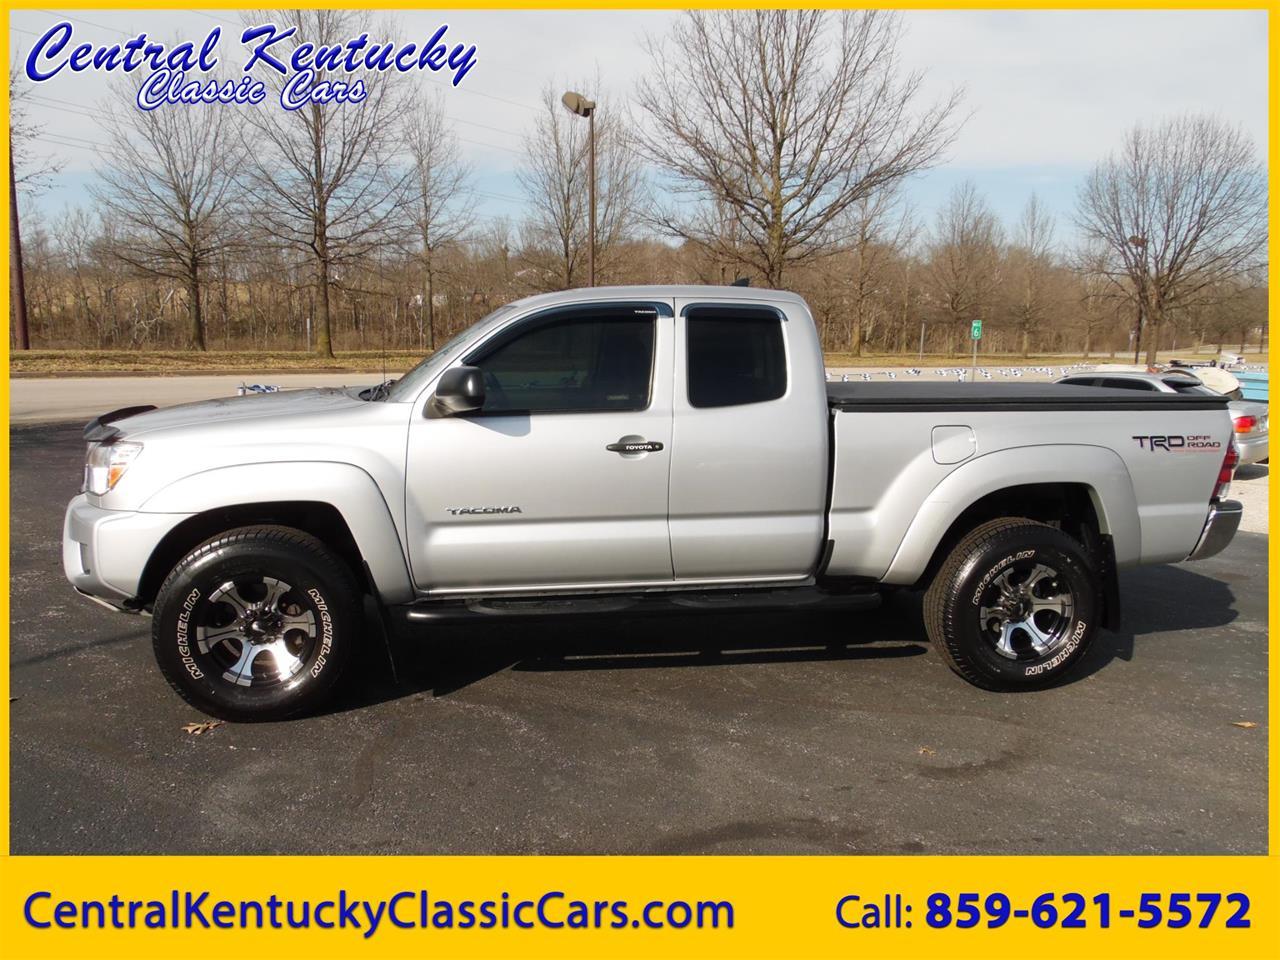 2012 Toyota Tacoma For Sale >> For Sale 2012 Toyota Tacoma In Paris Kentucky